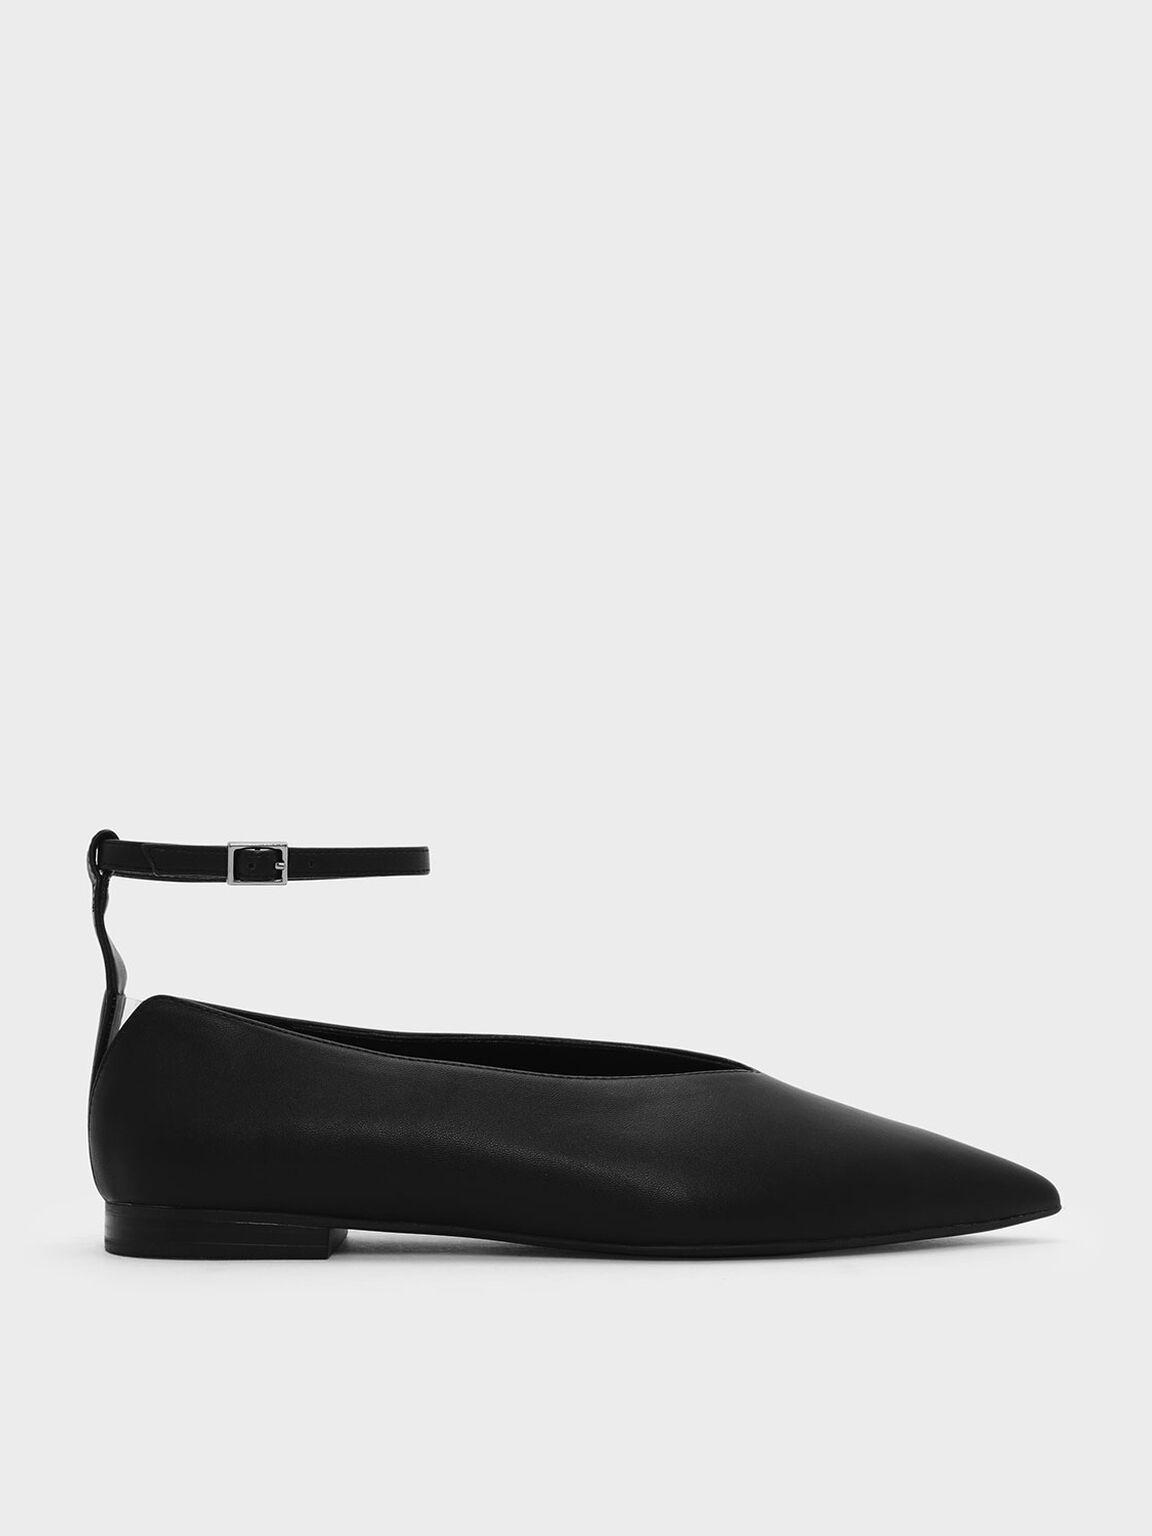 V Topline Ankle Strap Flats, Black, hi-res